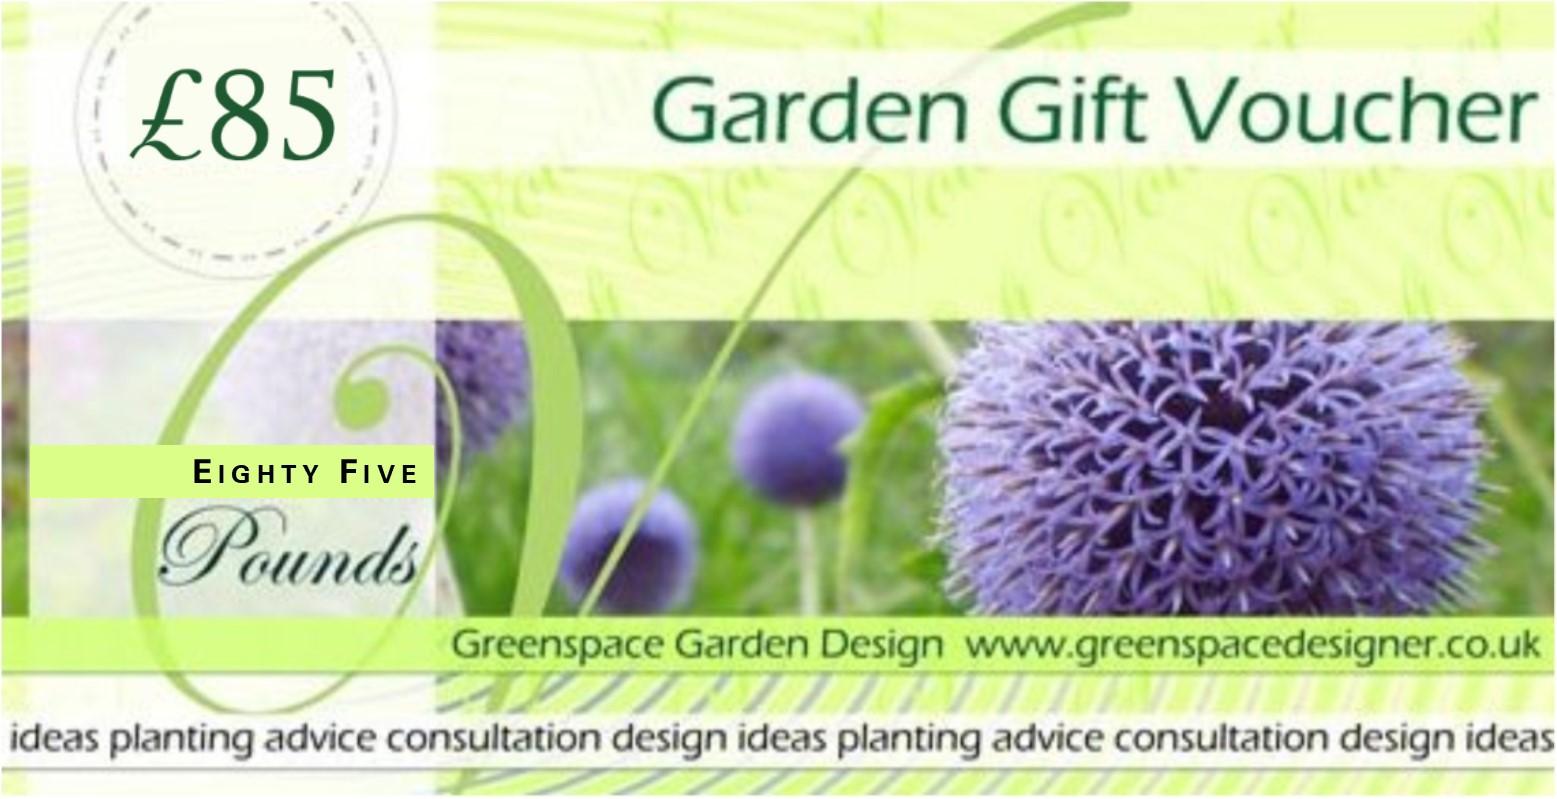 Garden Gift Voucher Greenspace Garden Design